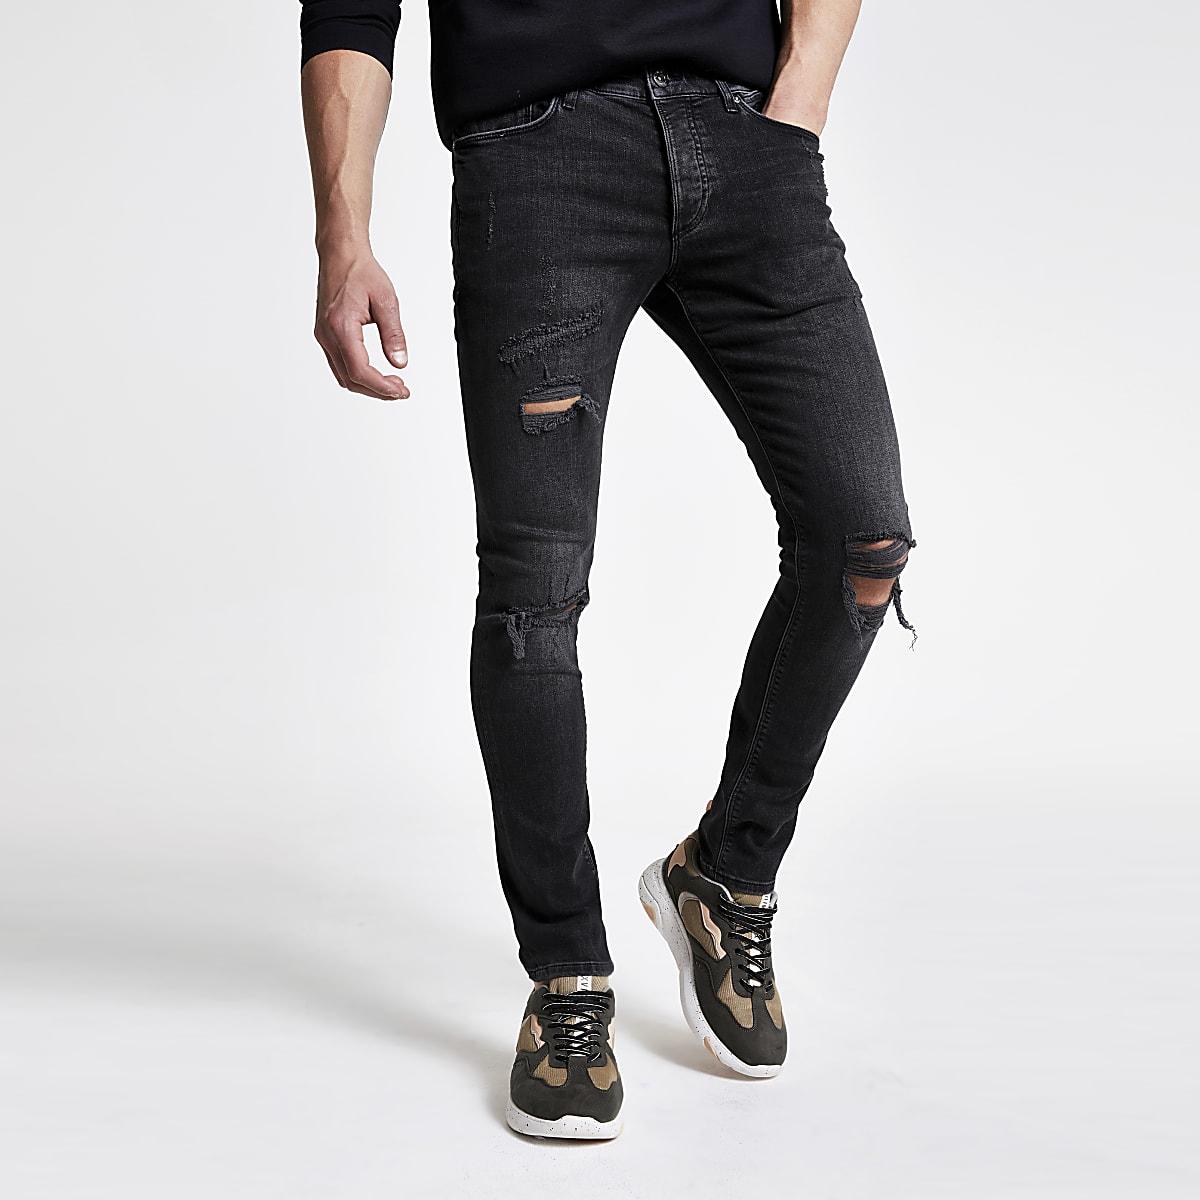 beste Auswahl von 2019 beste Auswahl an klassischer Chic Black wash ripped Sid skinny jeans